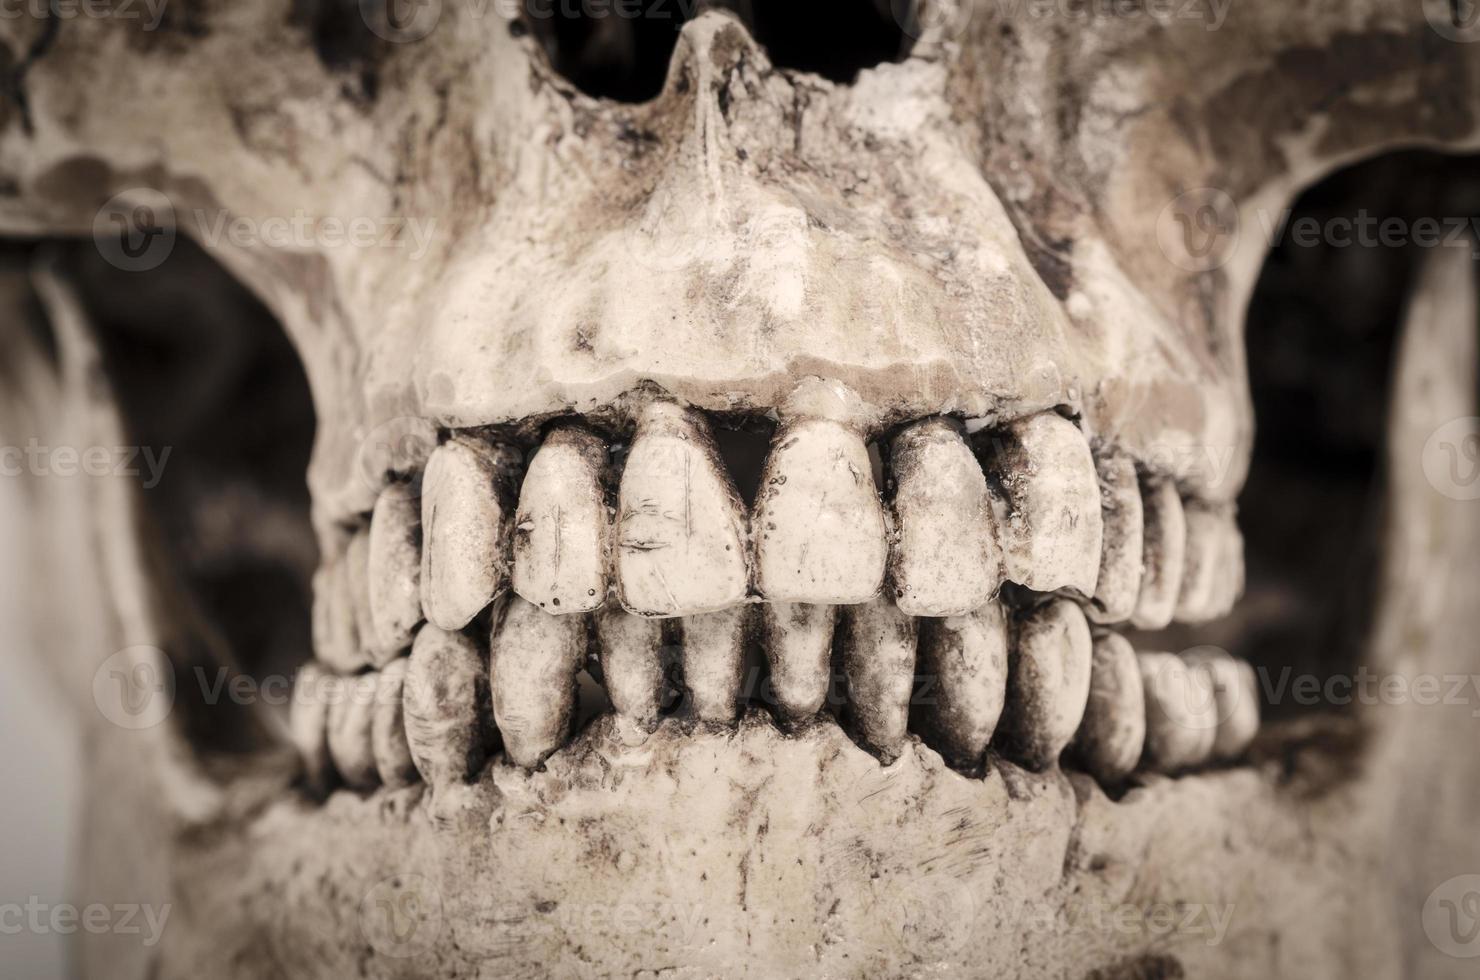 modelo de dentes humanos (crânio) em um fundo branco foto